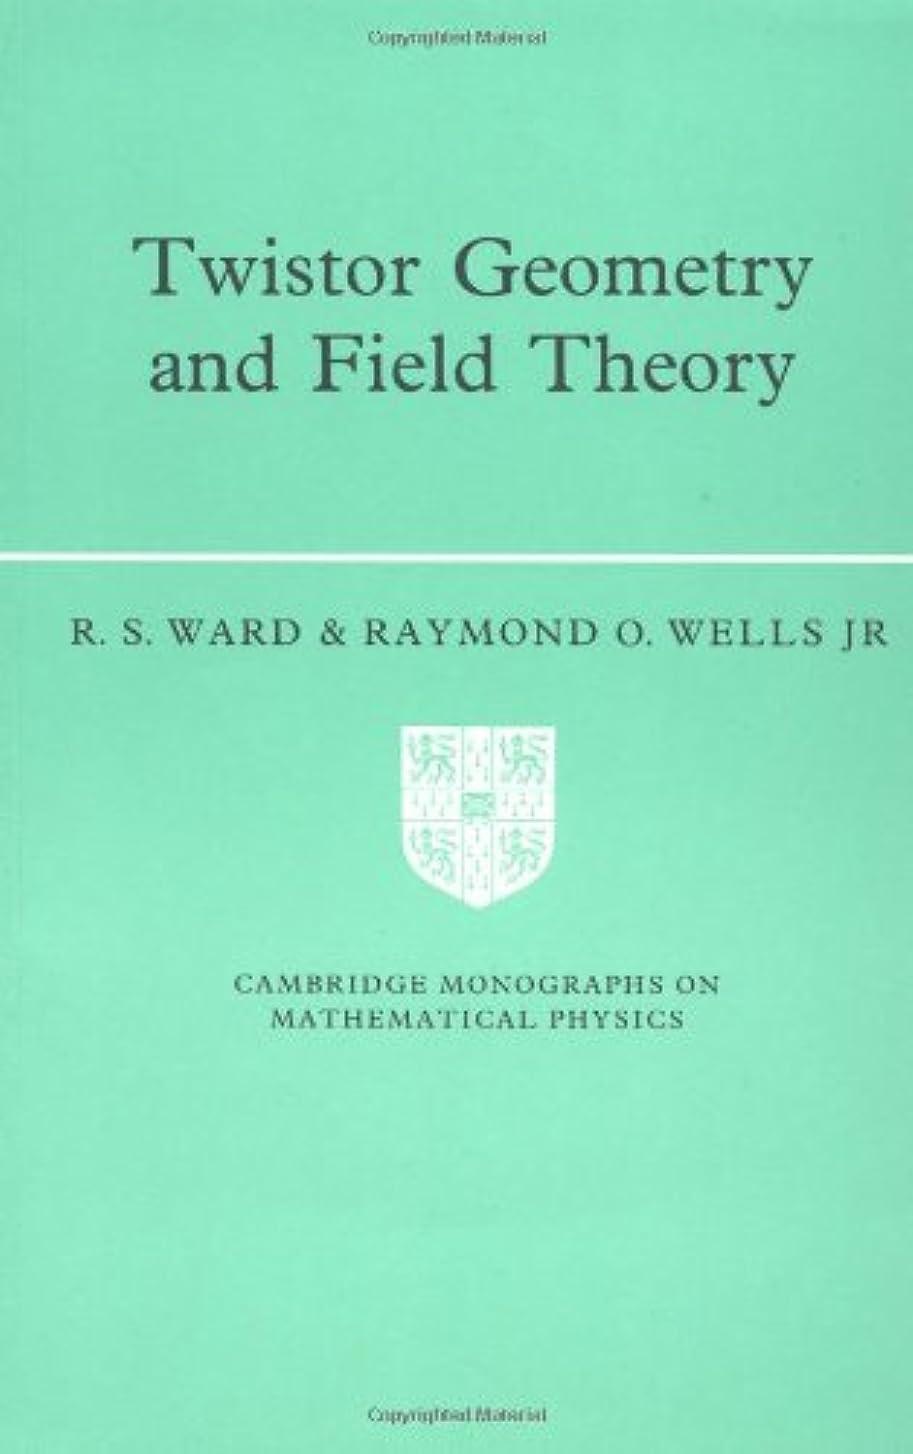 カウントアップジャンプするアベニューTwistor Geometry and Field Theory (Cambridge Monographs on Mathematical Physics)